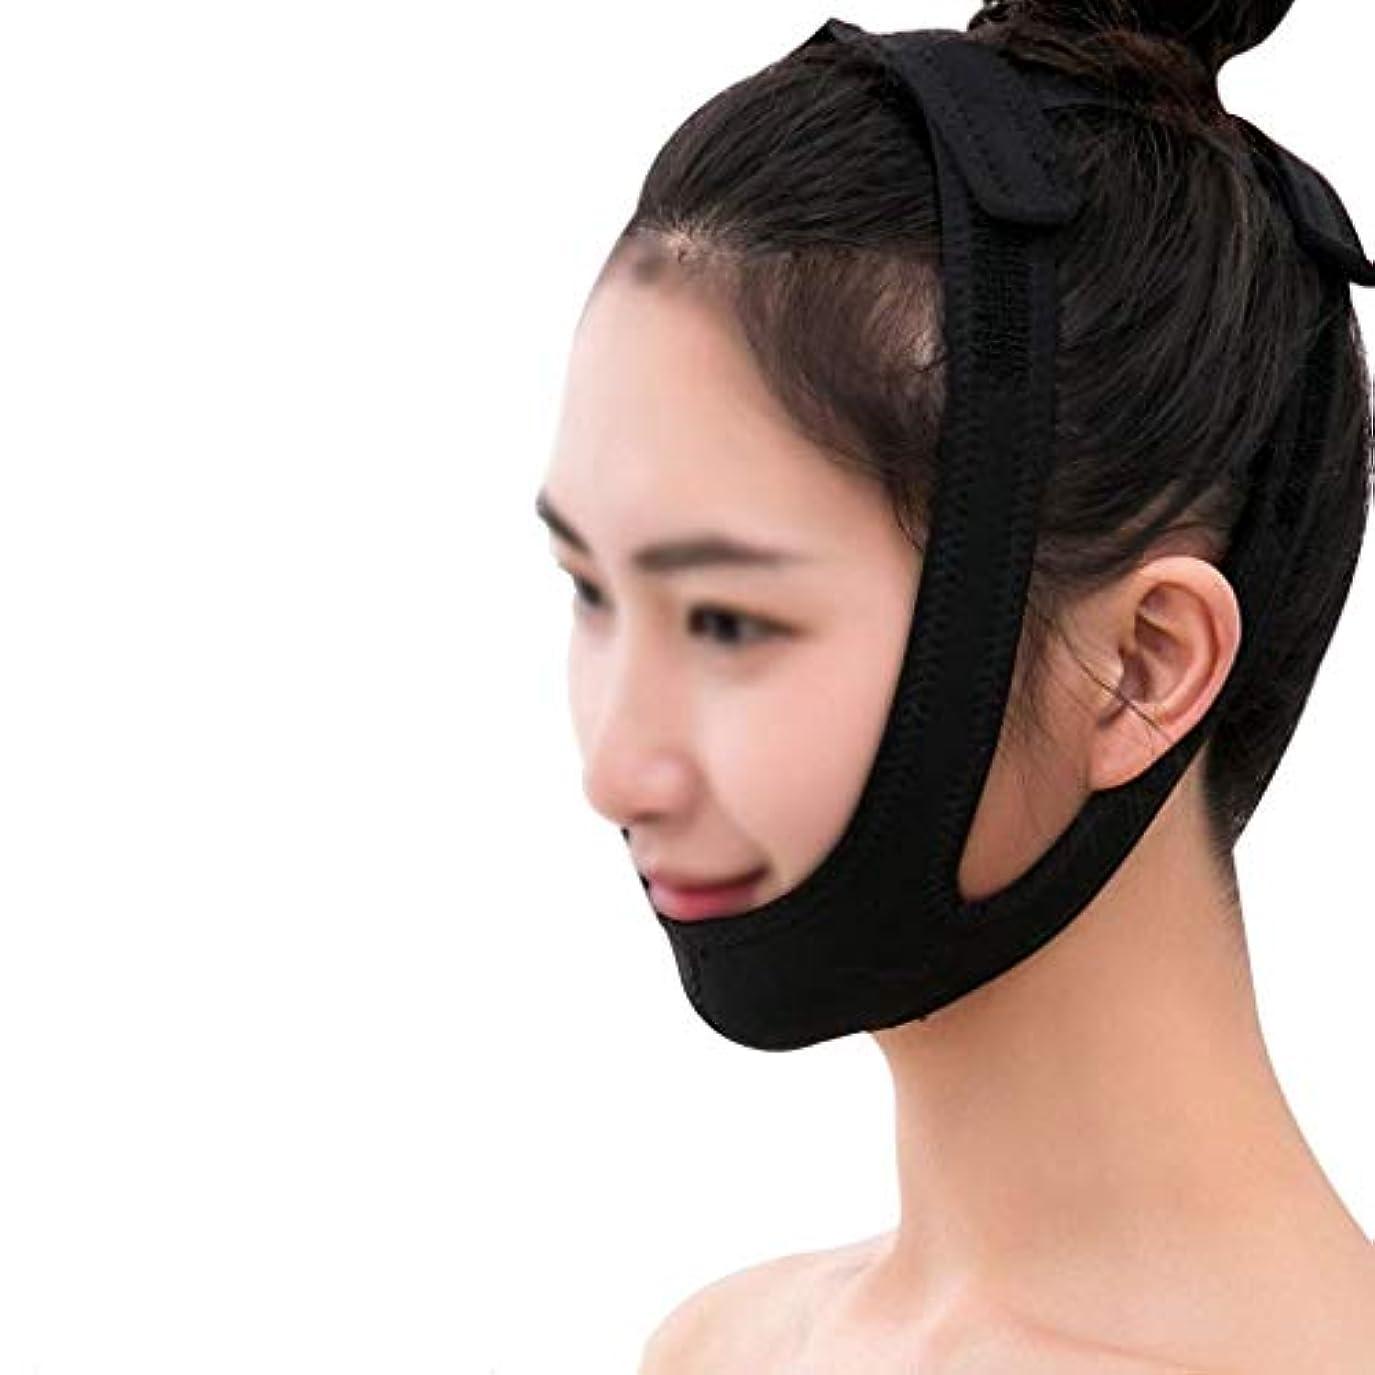 ゴールデンどれかハンバーガーフェイシャルリフティングマスク、医療用ワイヤーカービングリカバリーヘッドギアVフェイス包帯ダブルチンフェイスリフトマスク